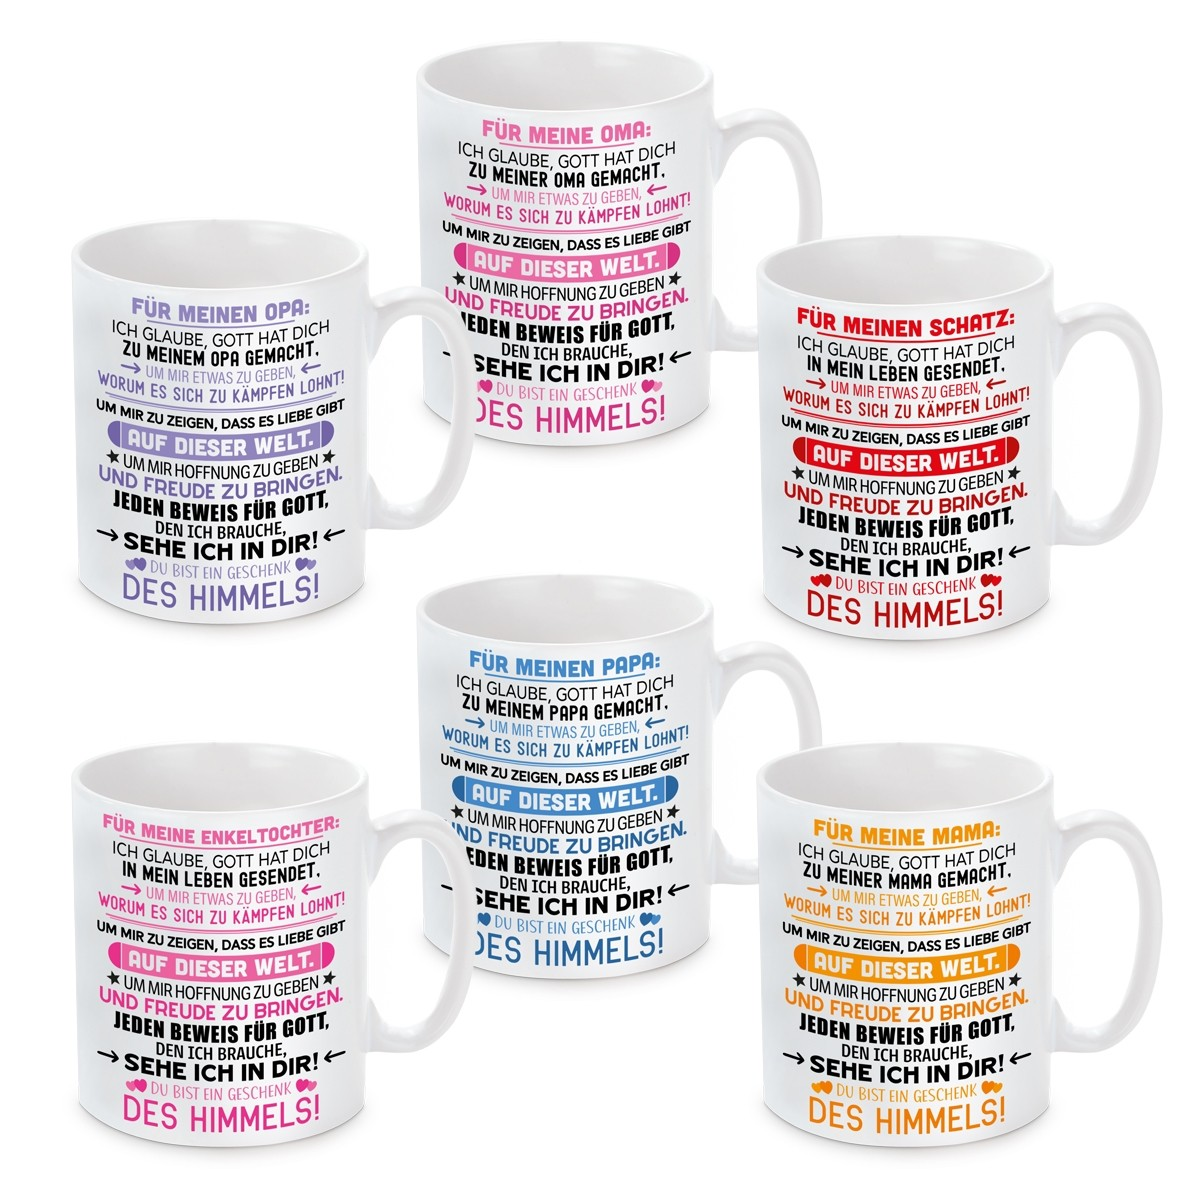 Tasse mit Motiv Modell: Für meine(n) Mama, Papa, Oma, Opa, Enkeltochter, Schatz